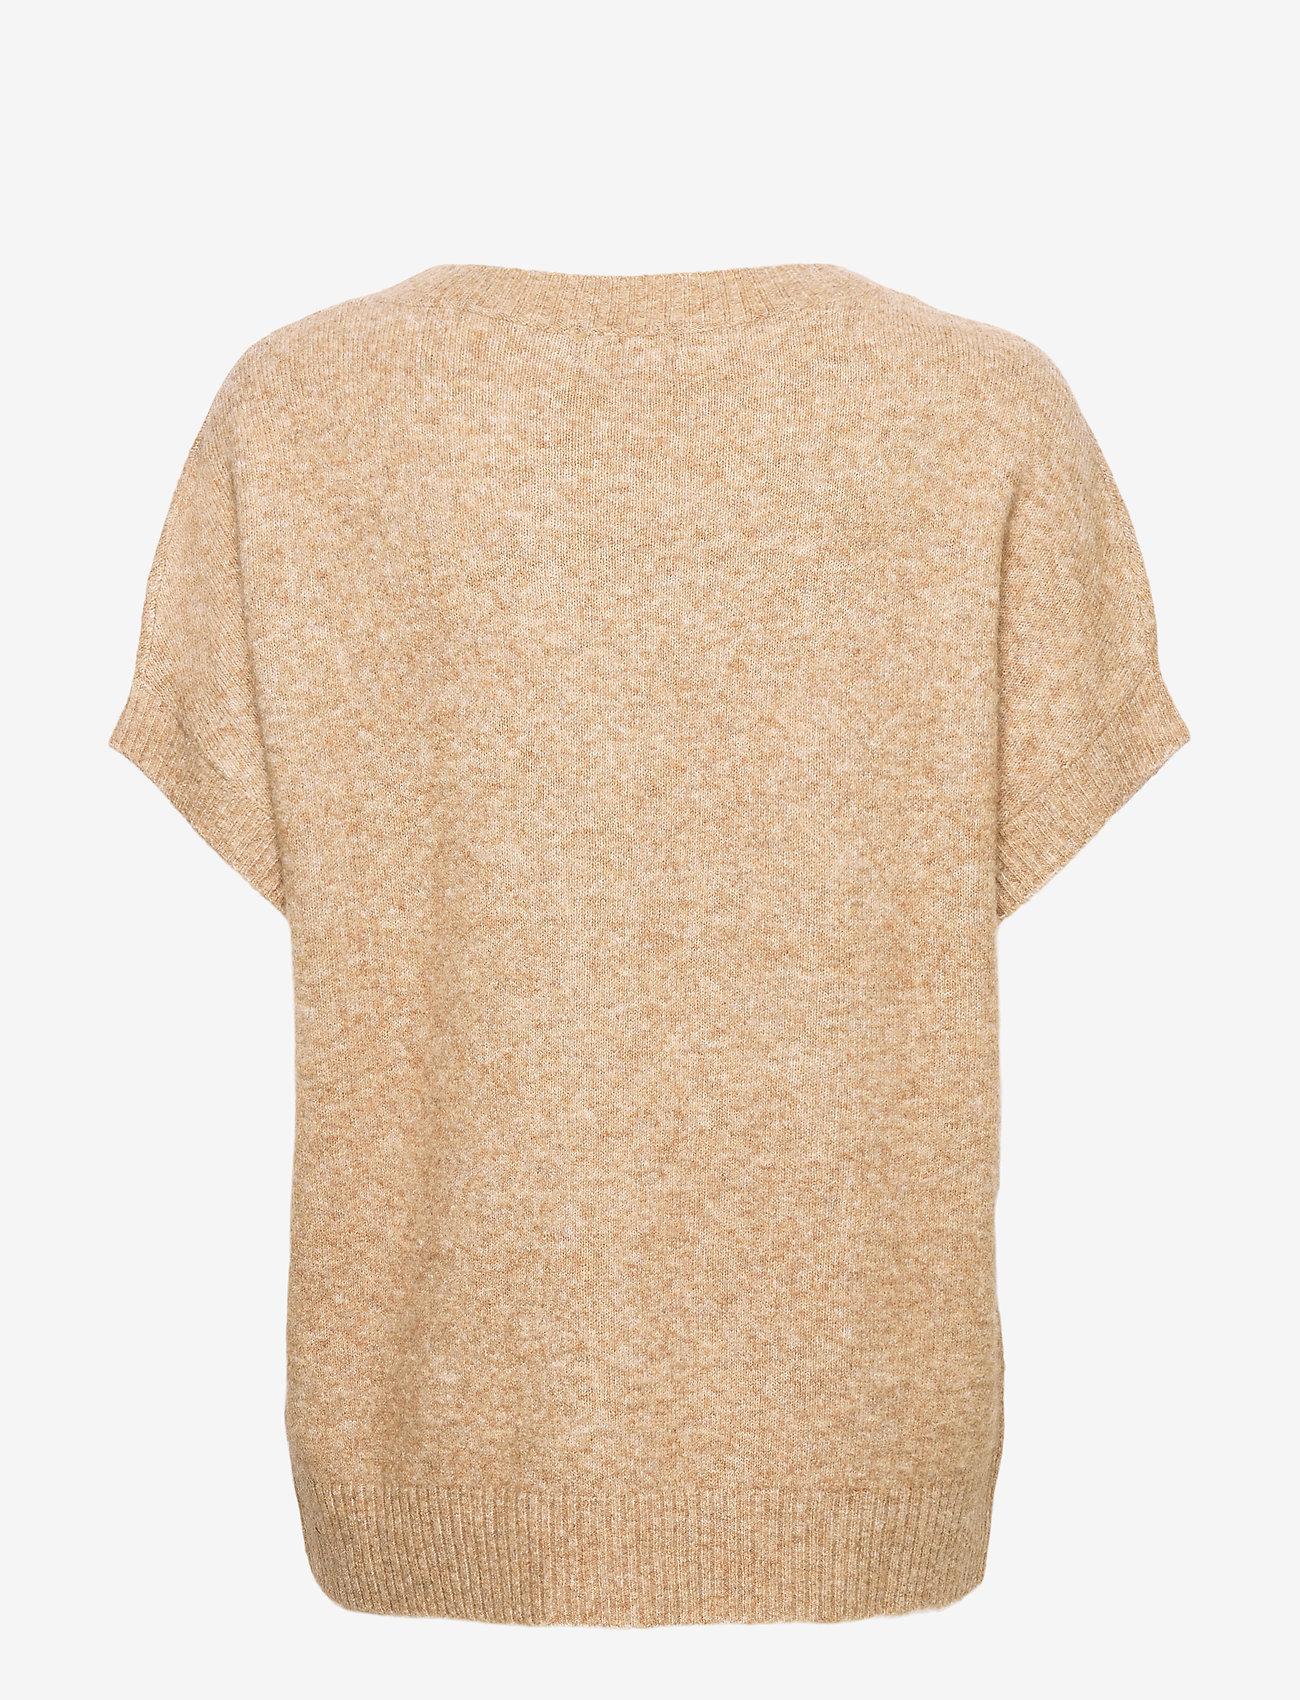 SAND - 5210 - Izadi - hauts tricotés - camel - 1